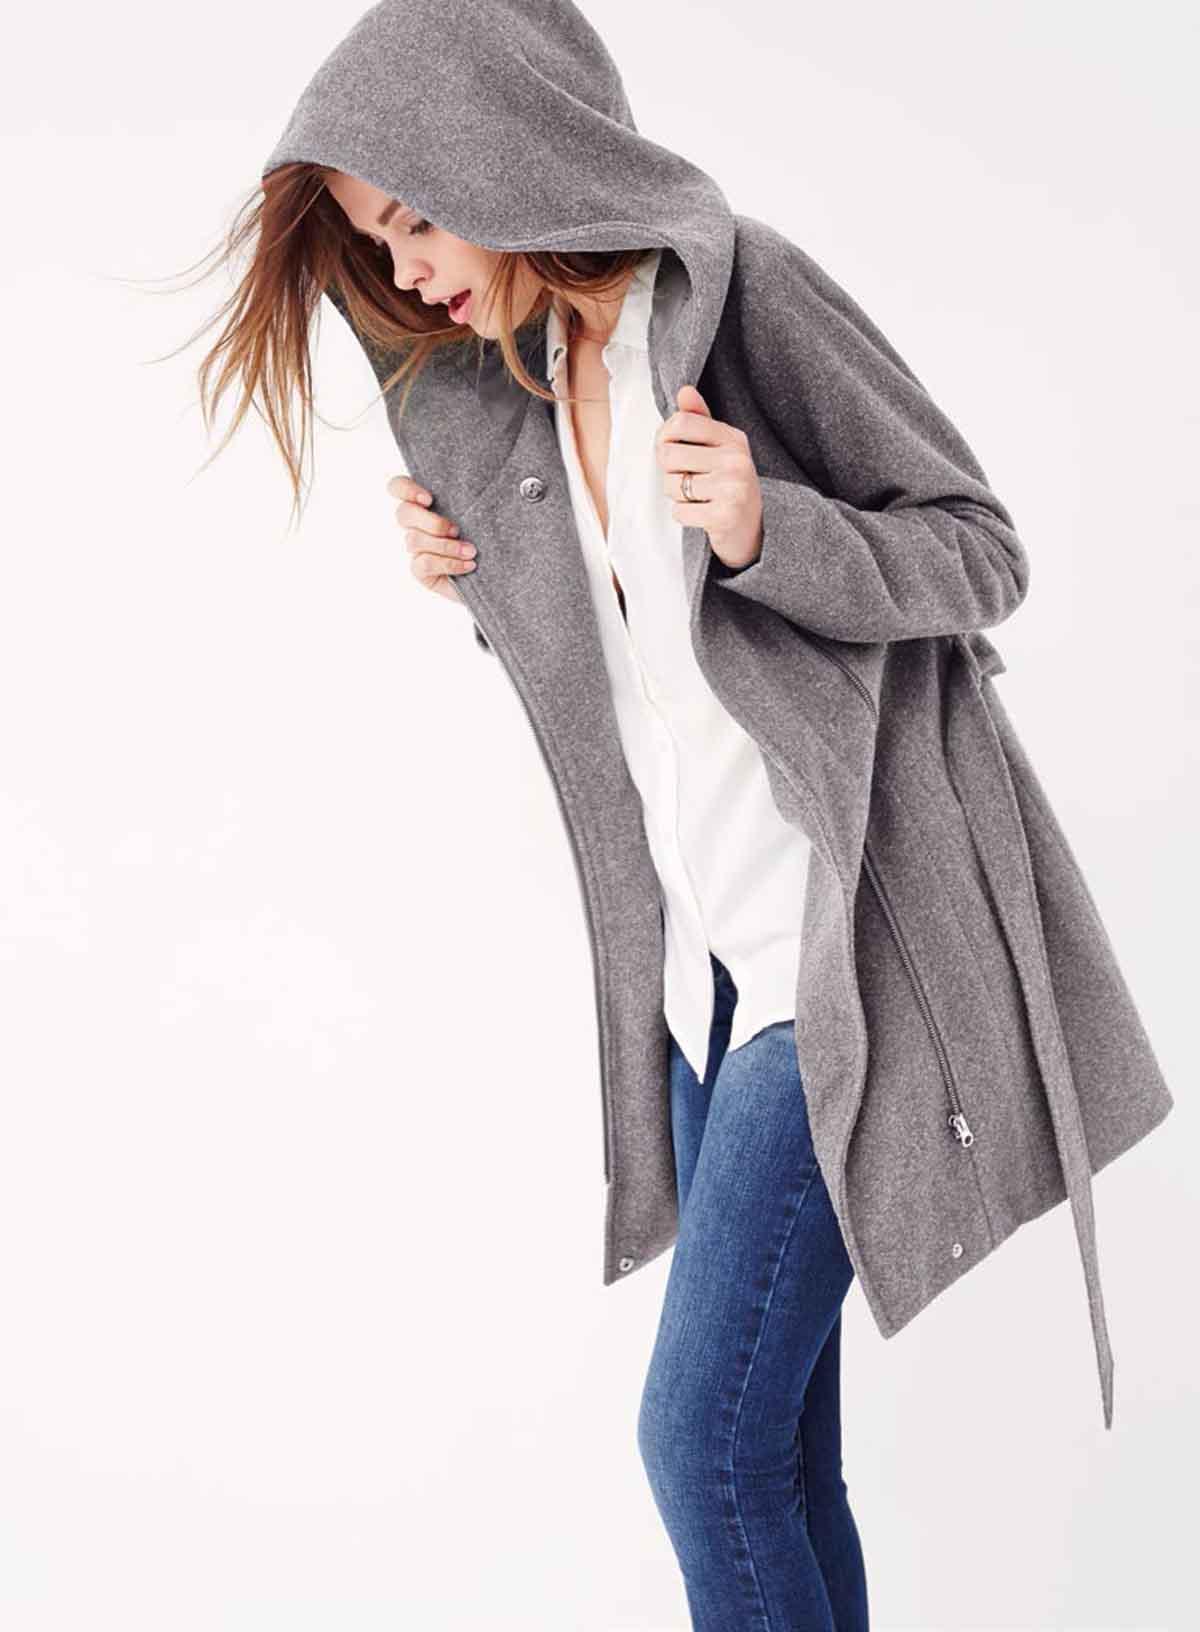 Mantel Bluse Jeans